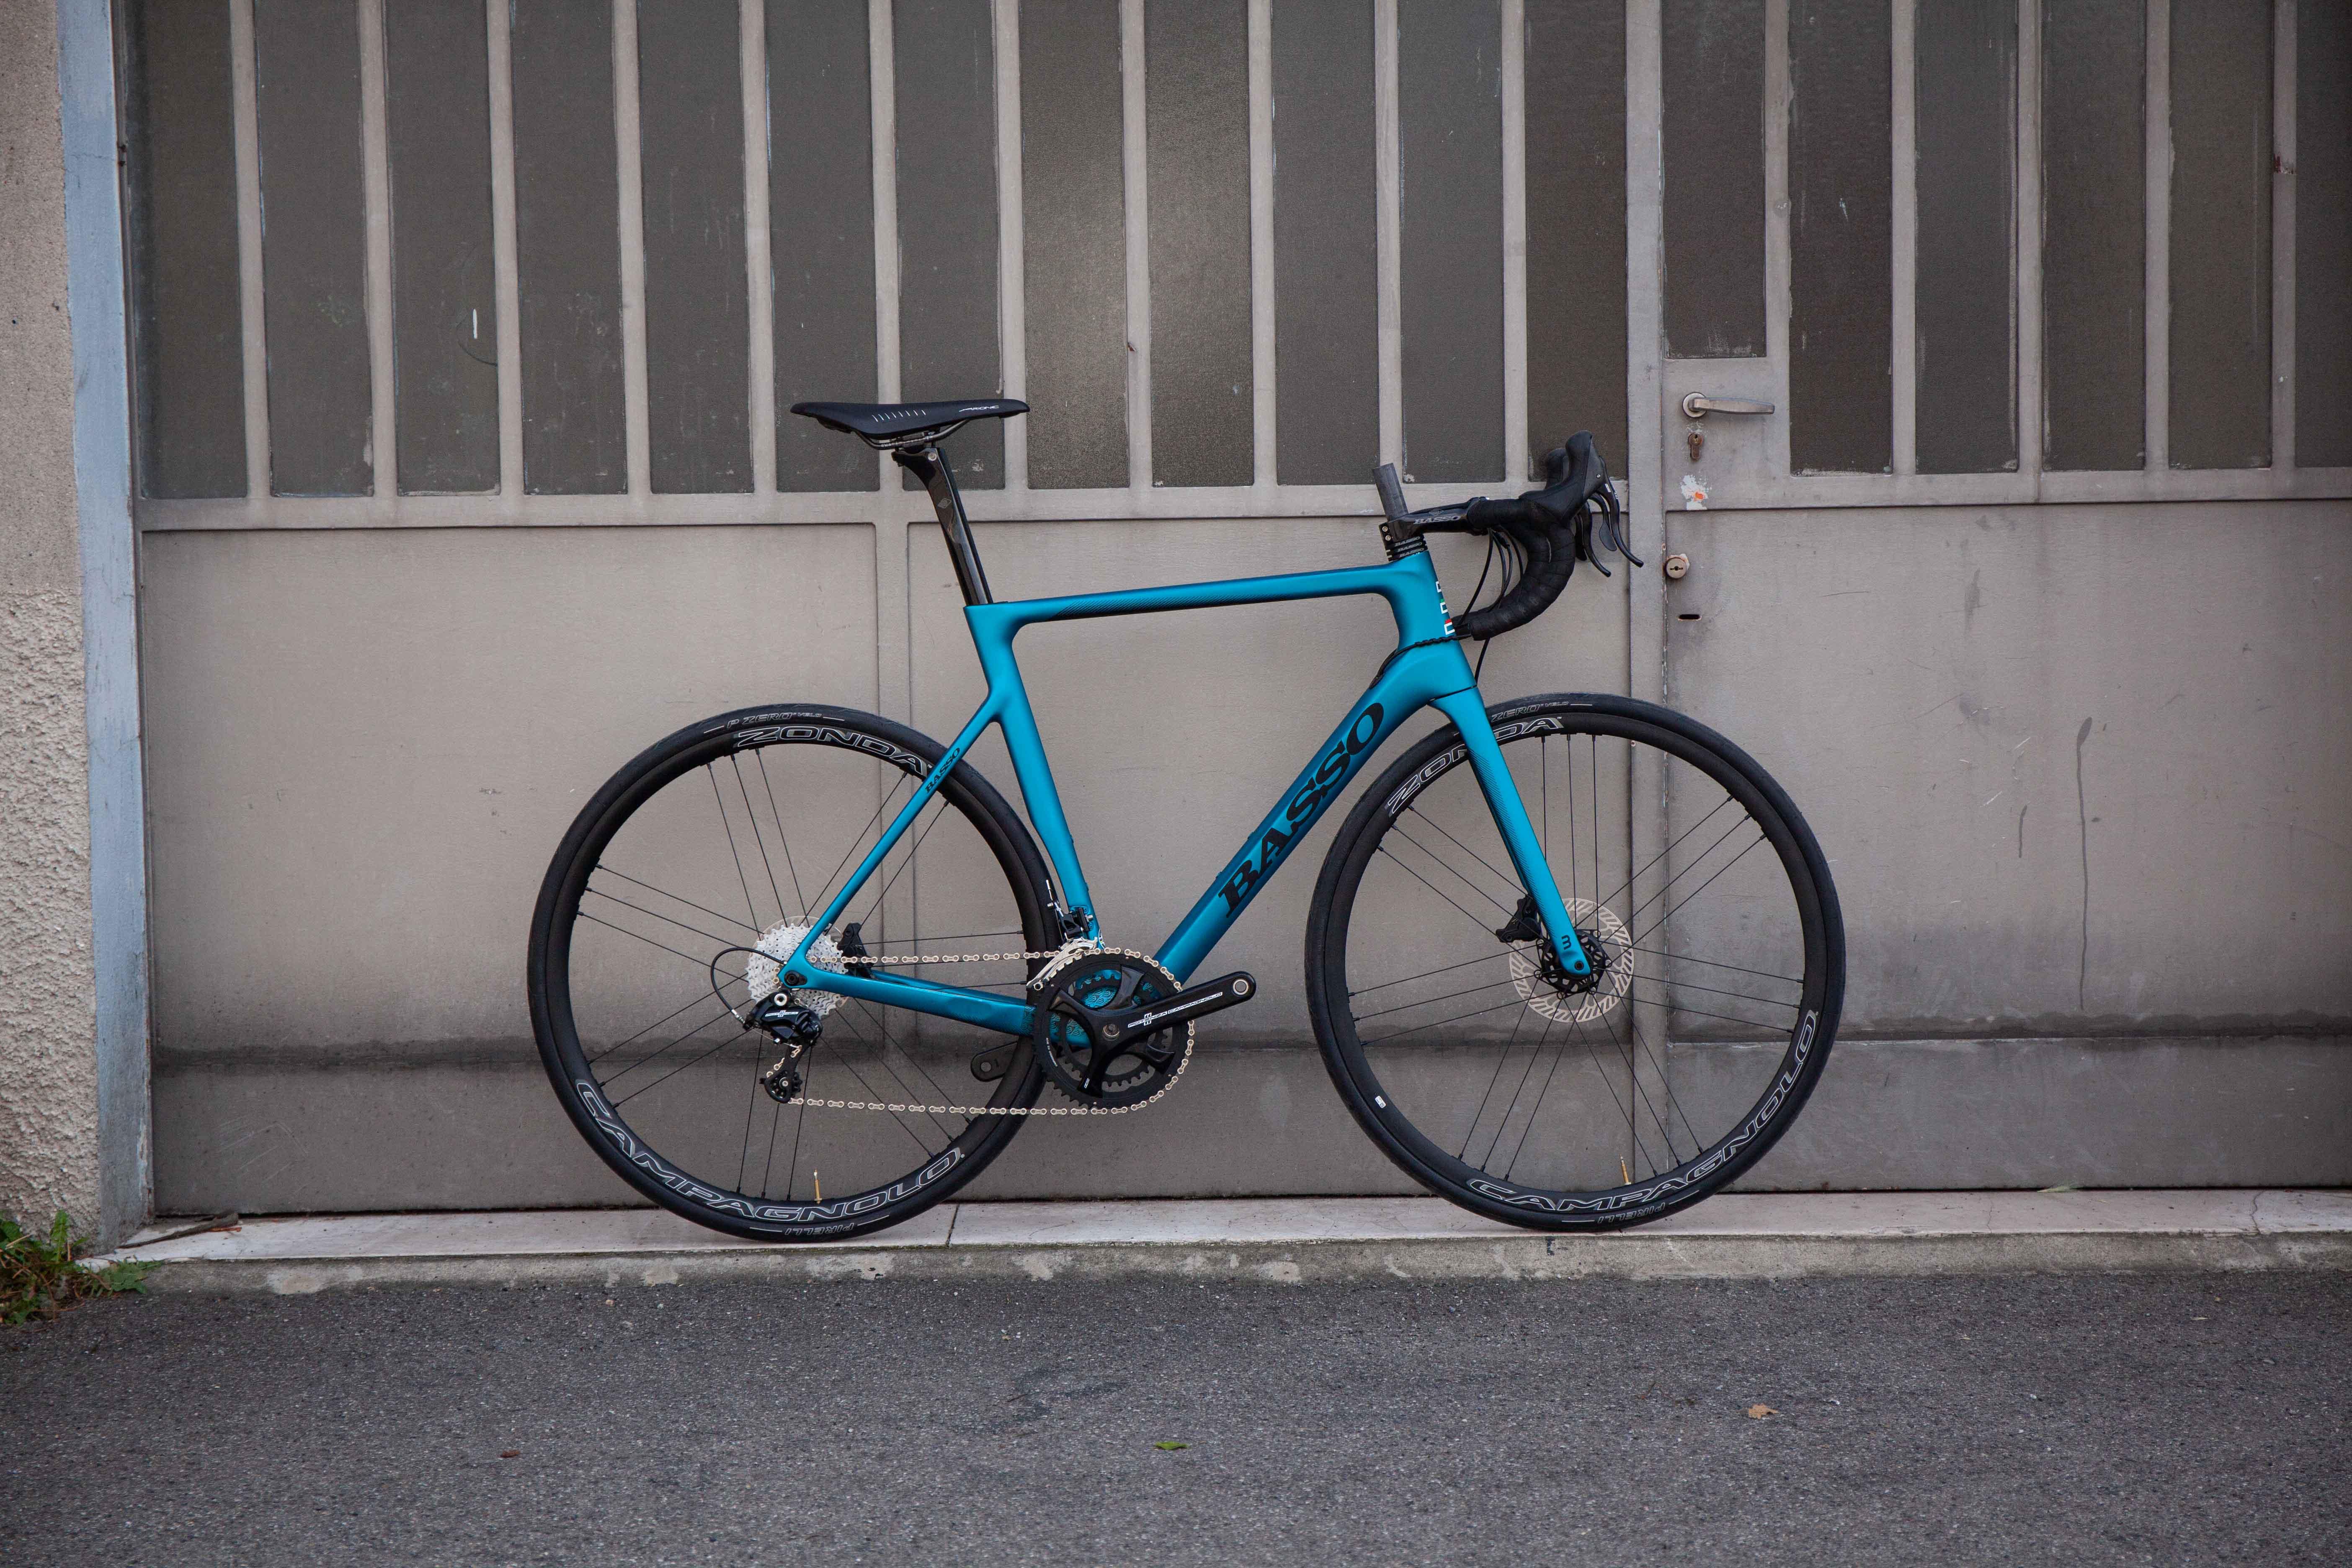 Cicli Corsa Basso Astra 56 Potenza Zonda -1